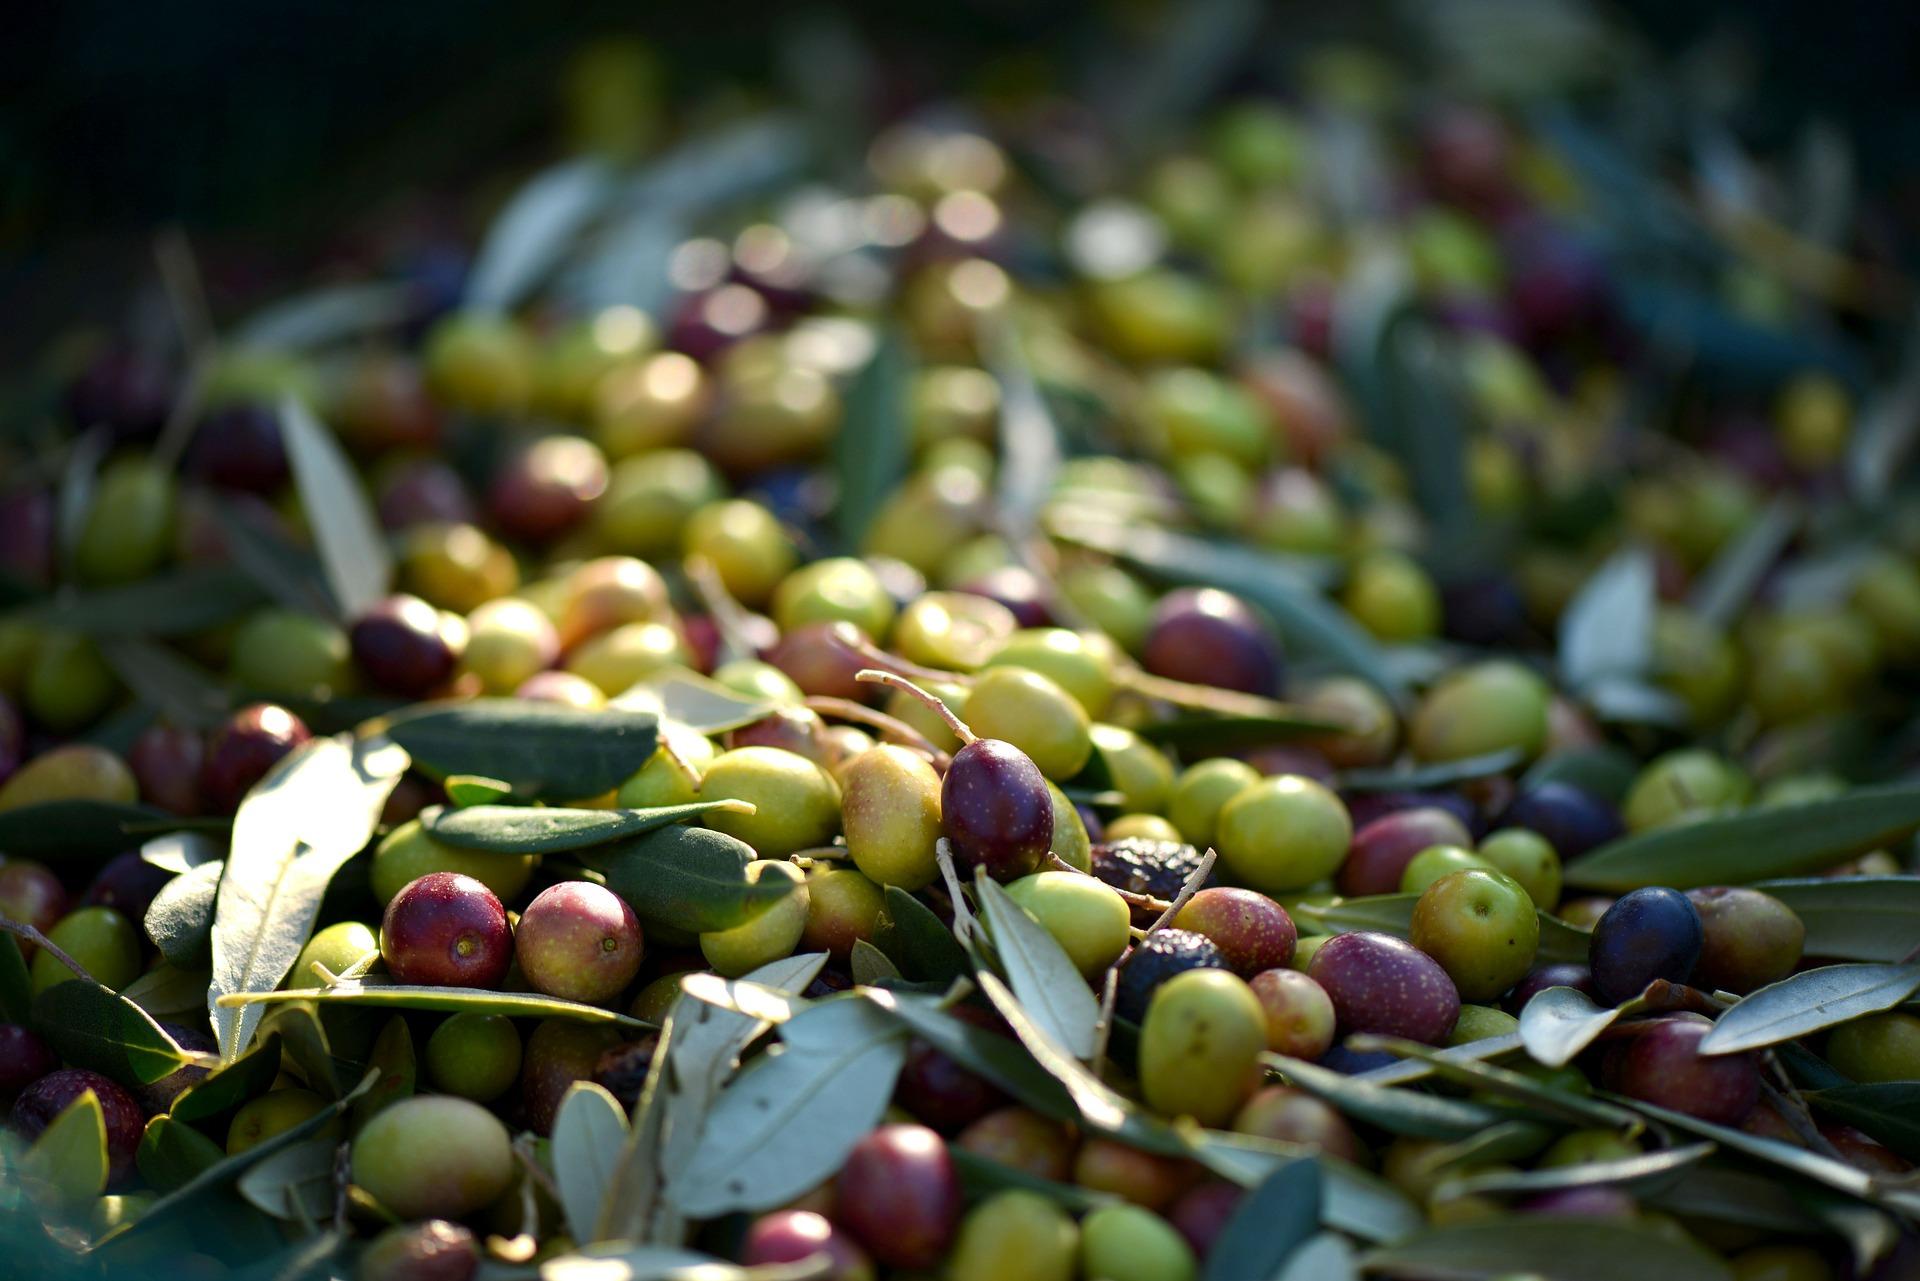 Die Farbe der Olive verrät - sofern sie nicht künstlich gefärbt wurde - ihren Reifegrad. Foto: pixabay